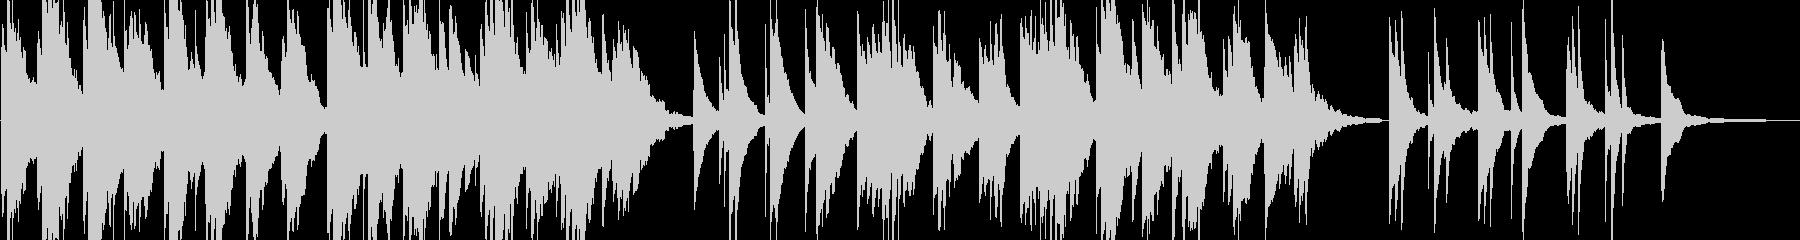 企業VP15 16bit44kHzVerの未再生の波形